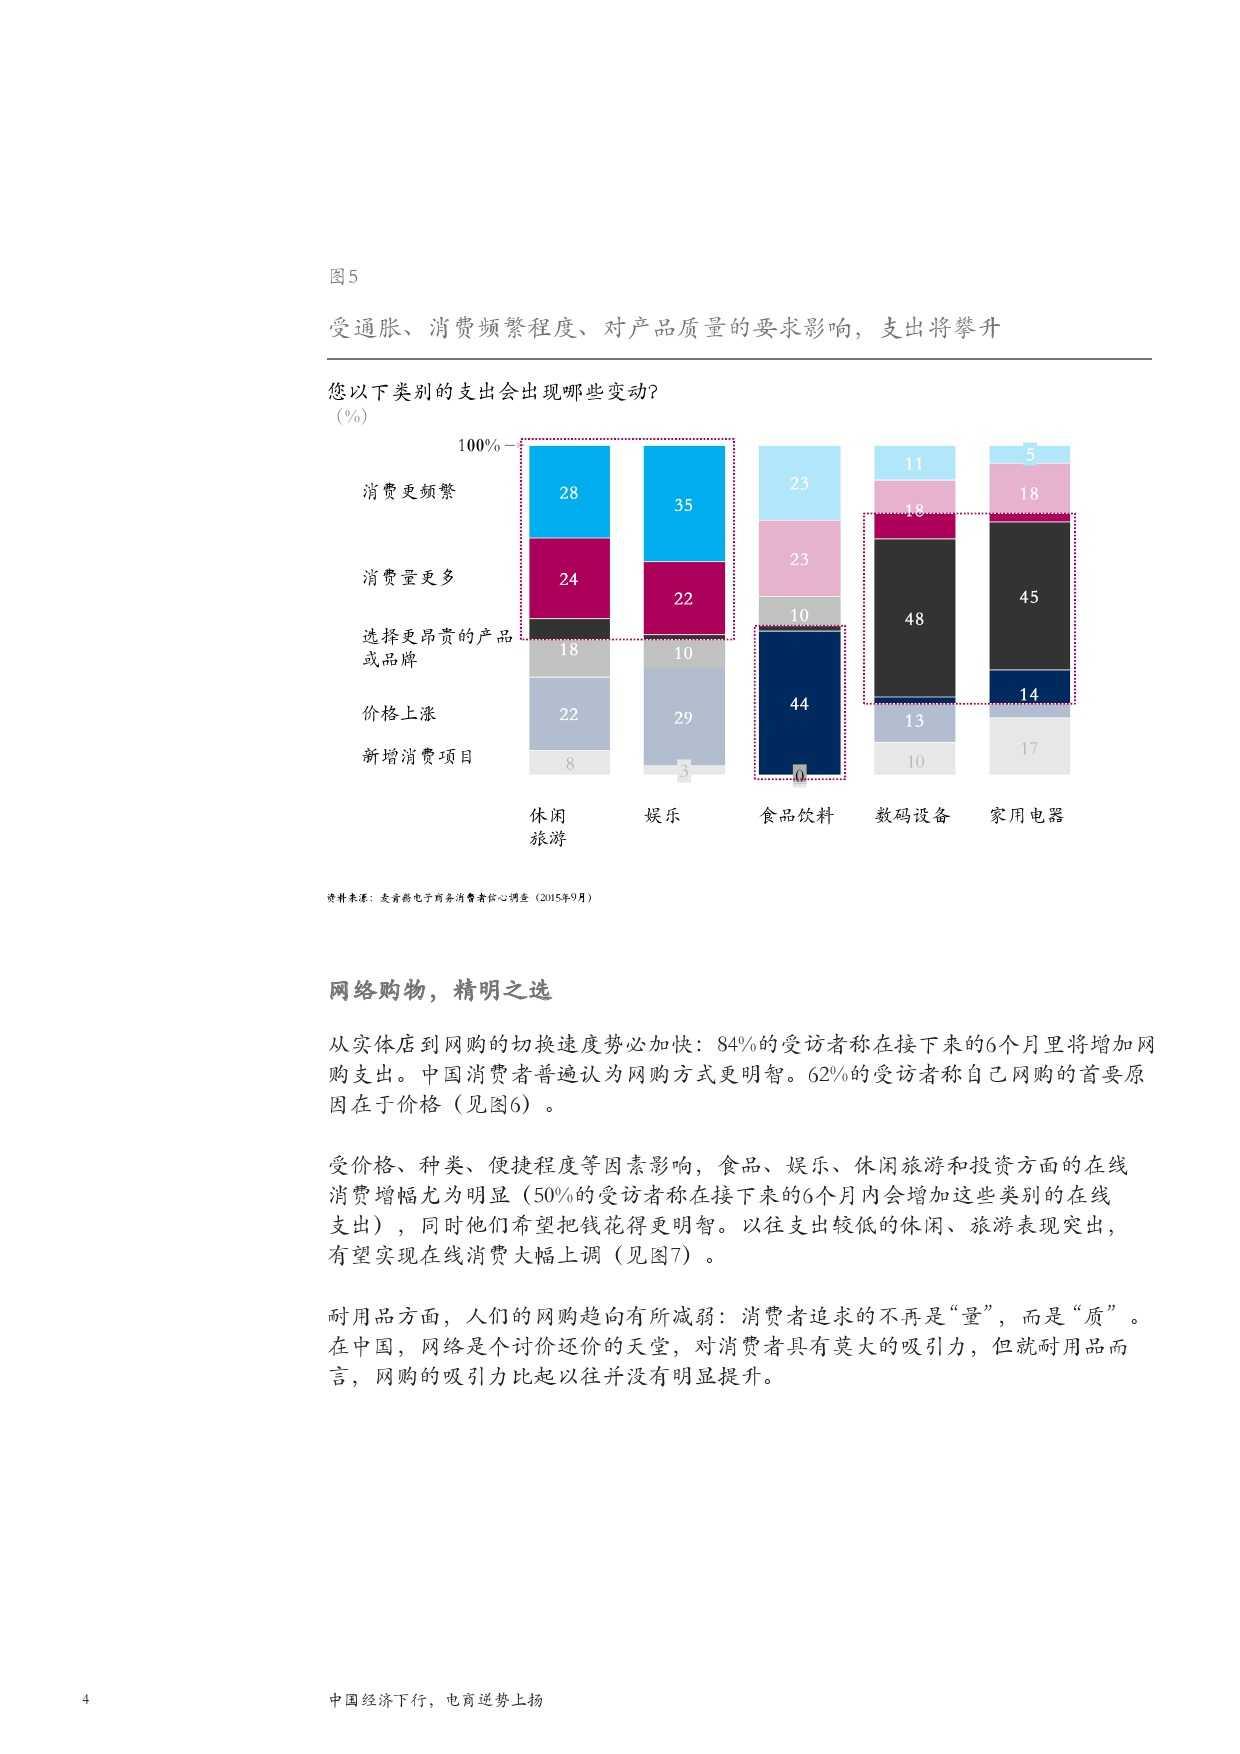 麦肯锡:中国经济下行,电商逆势上扬_000008